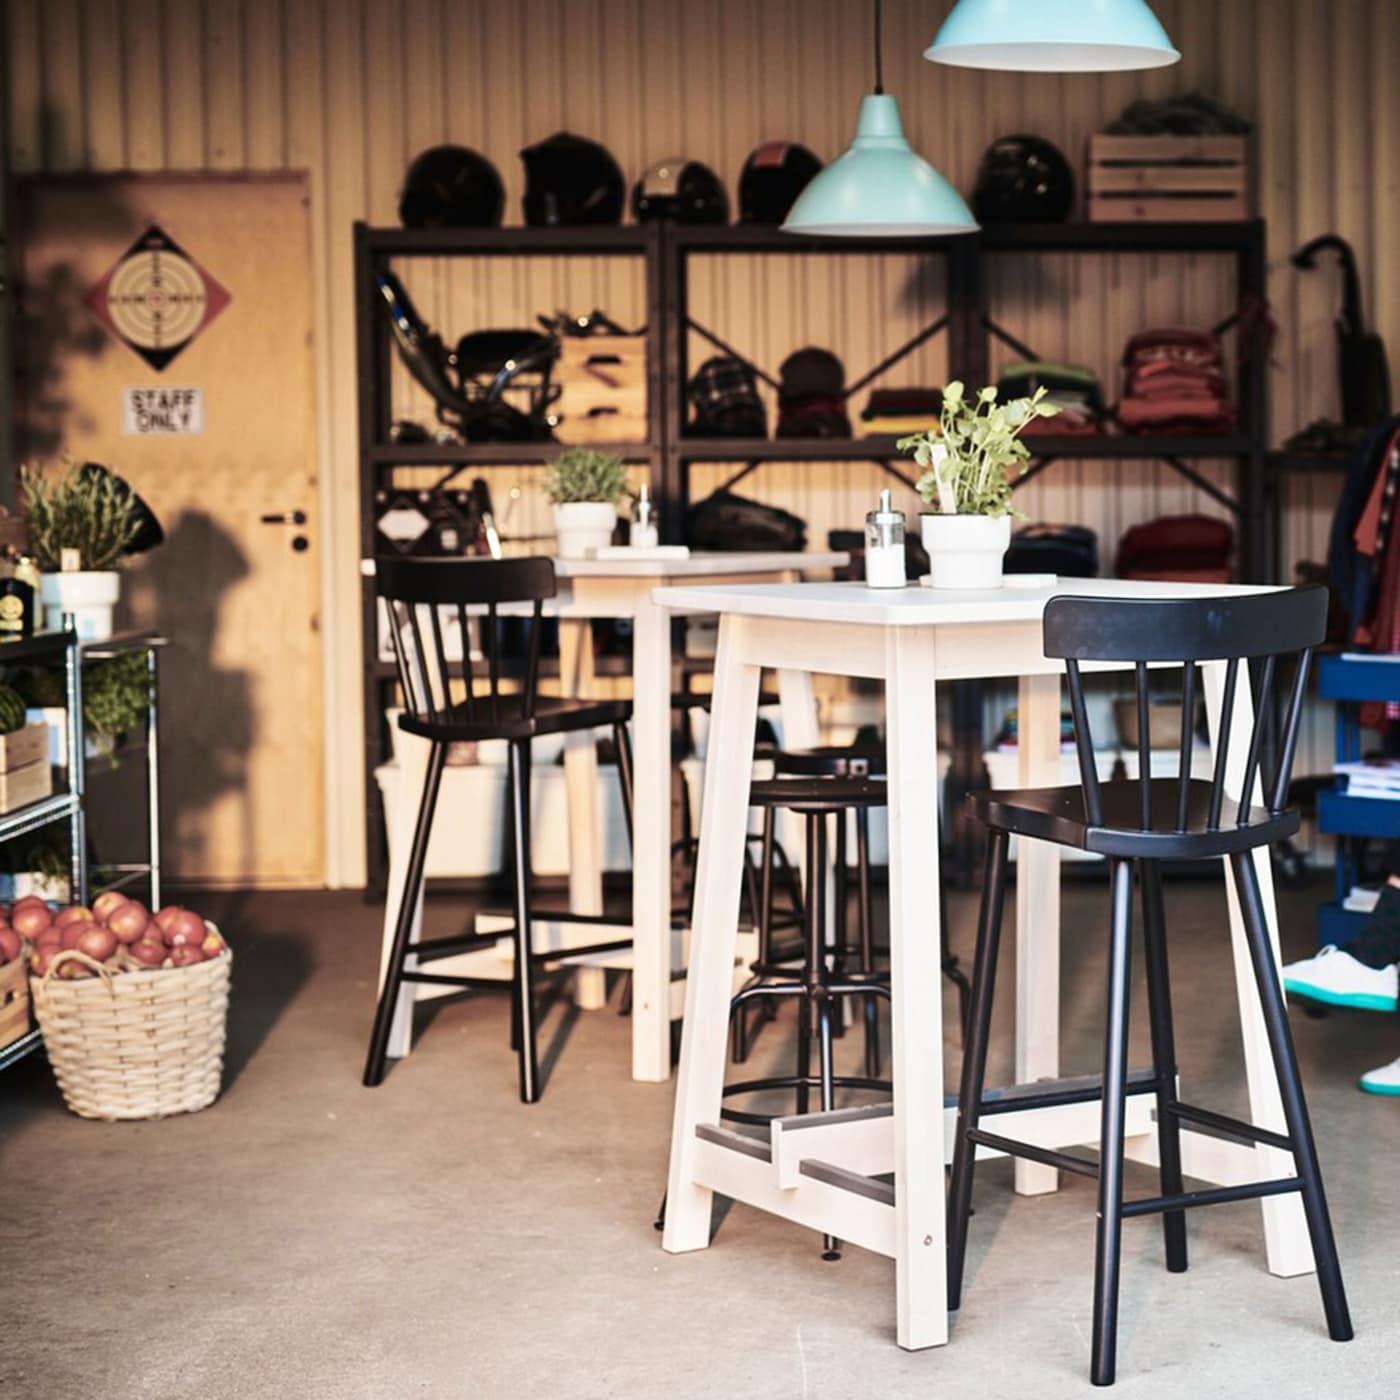 IKEA serviert hochwertige und erschwingliche Möbel und kleine Utensilien für Träumer und Unternehmer, u. a. NORRÅKER/NORRARYD Theke + 2 Barstühle weiss Birke/schwarz.